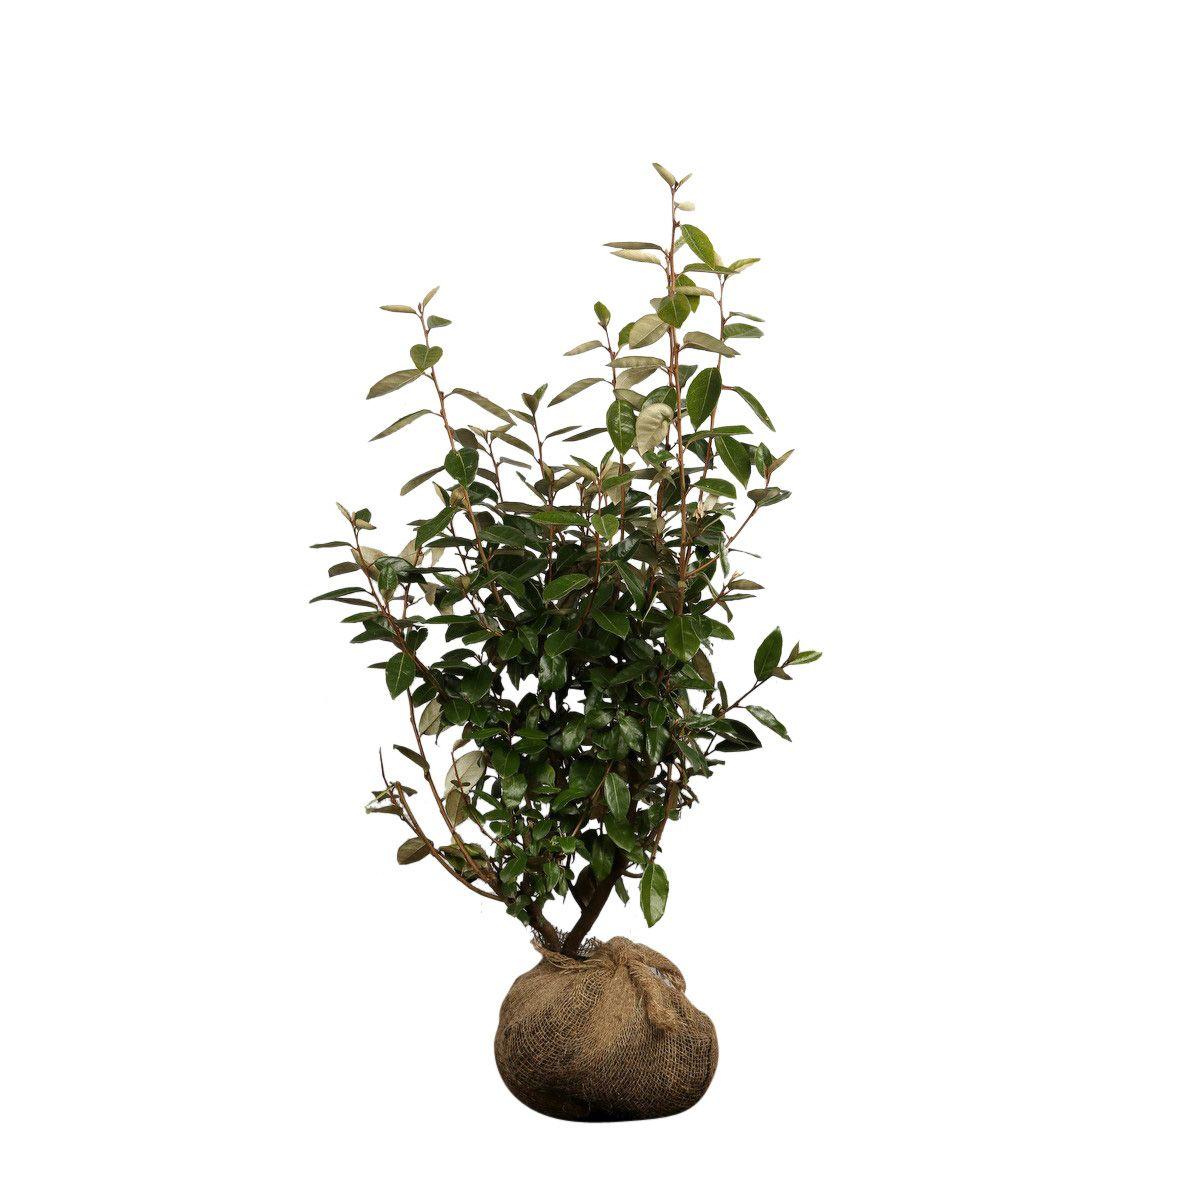 Olijfwilg, Zilverbes Kluit 80-100 cm